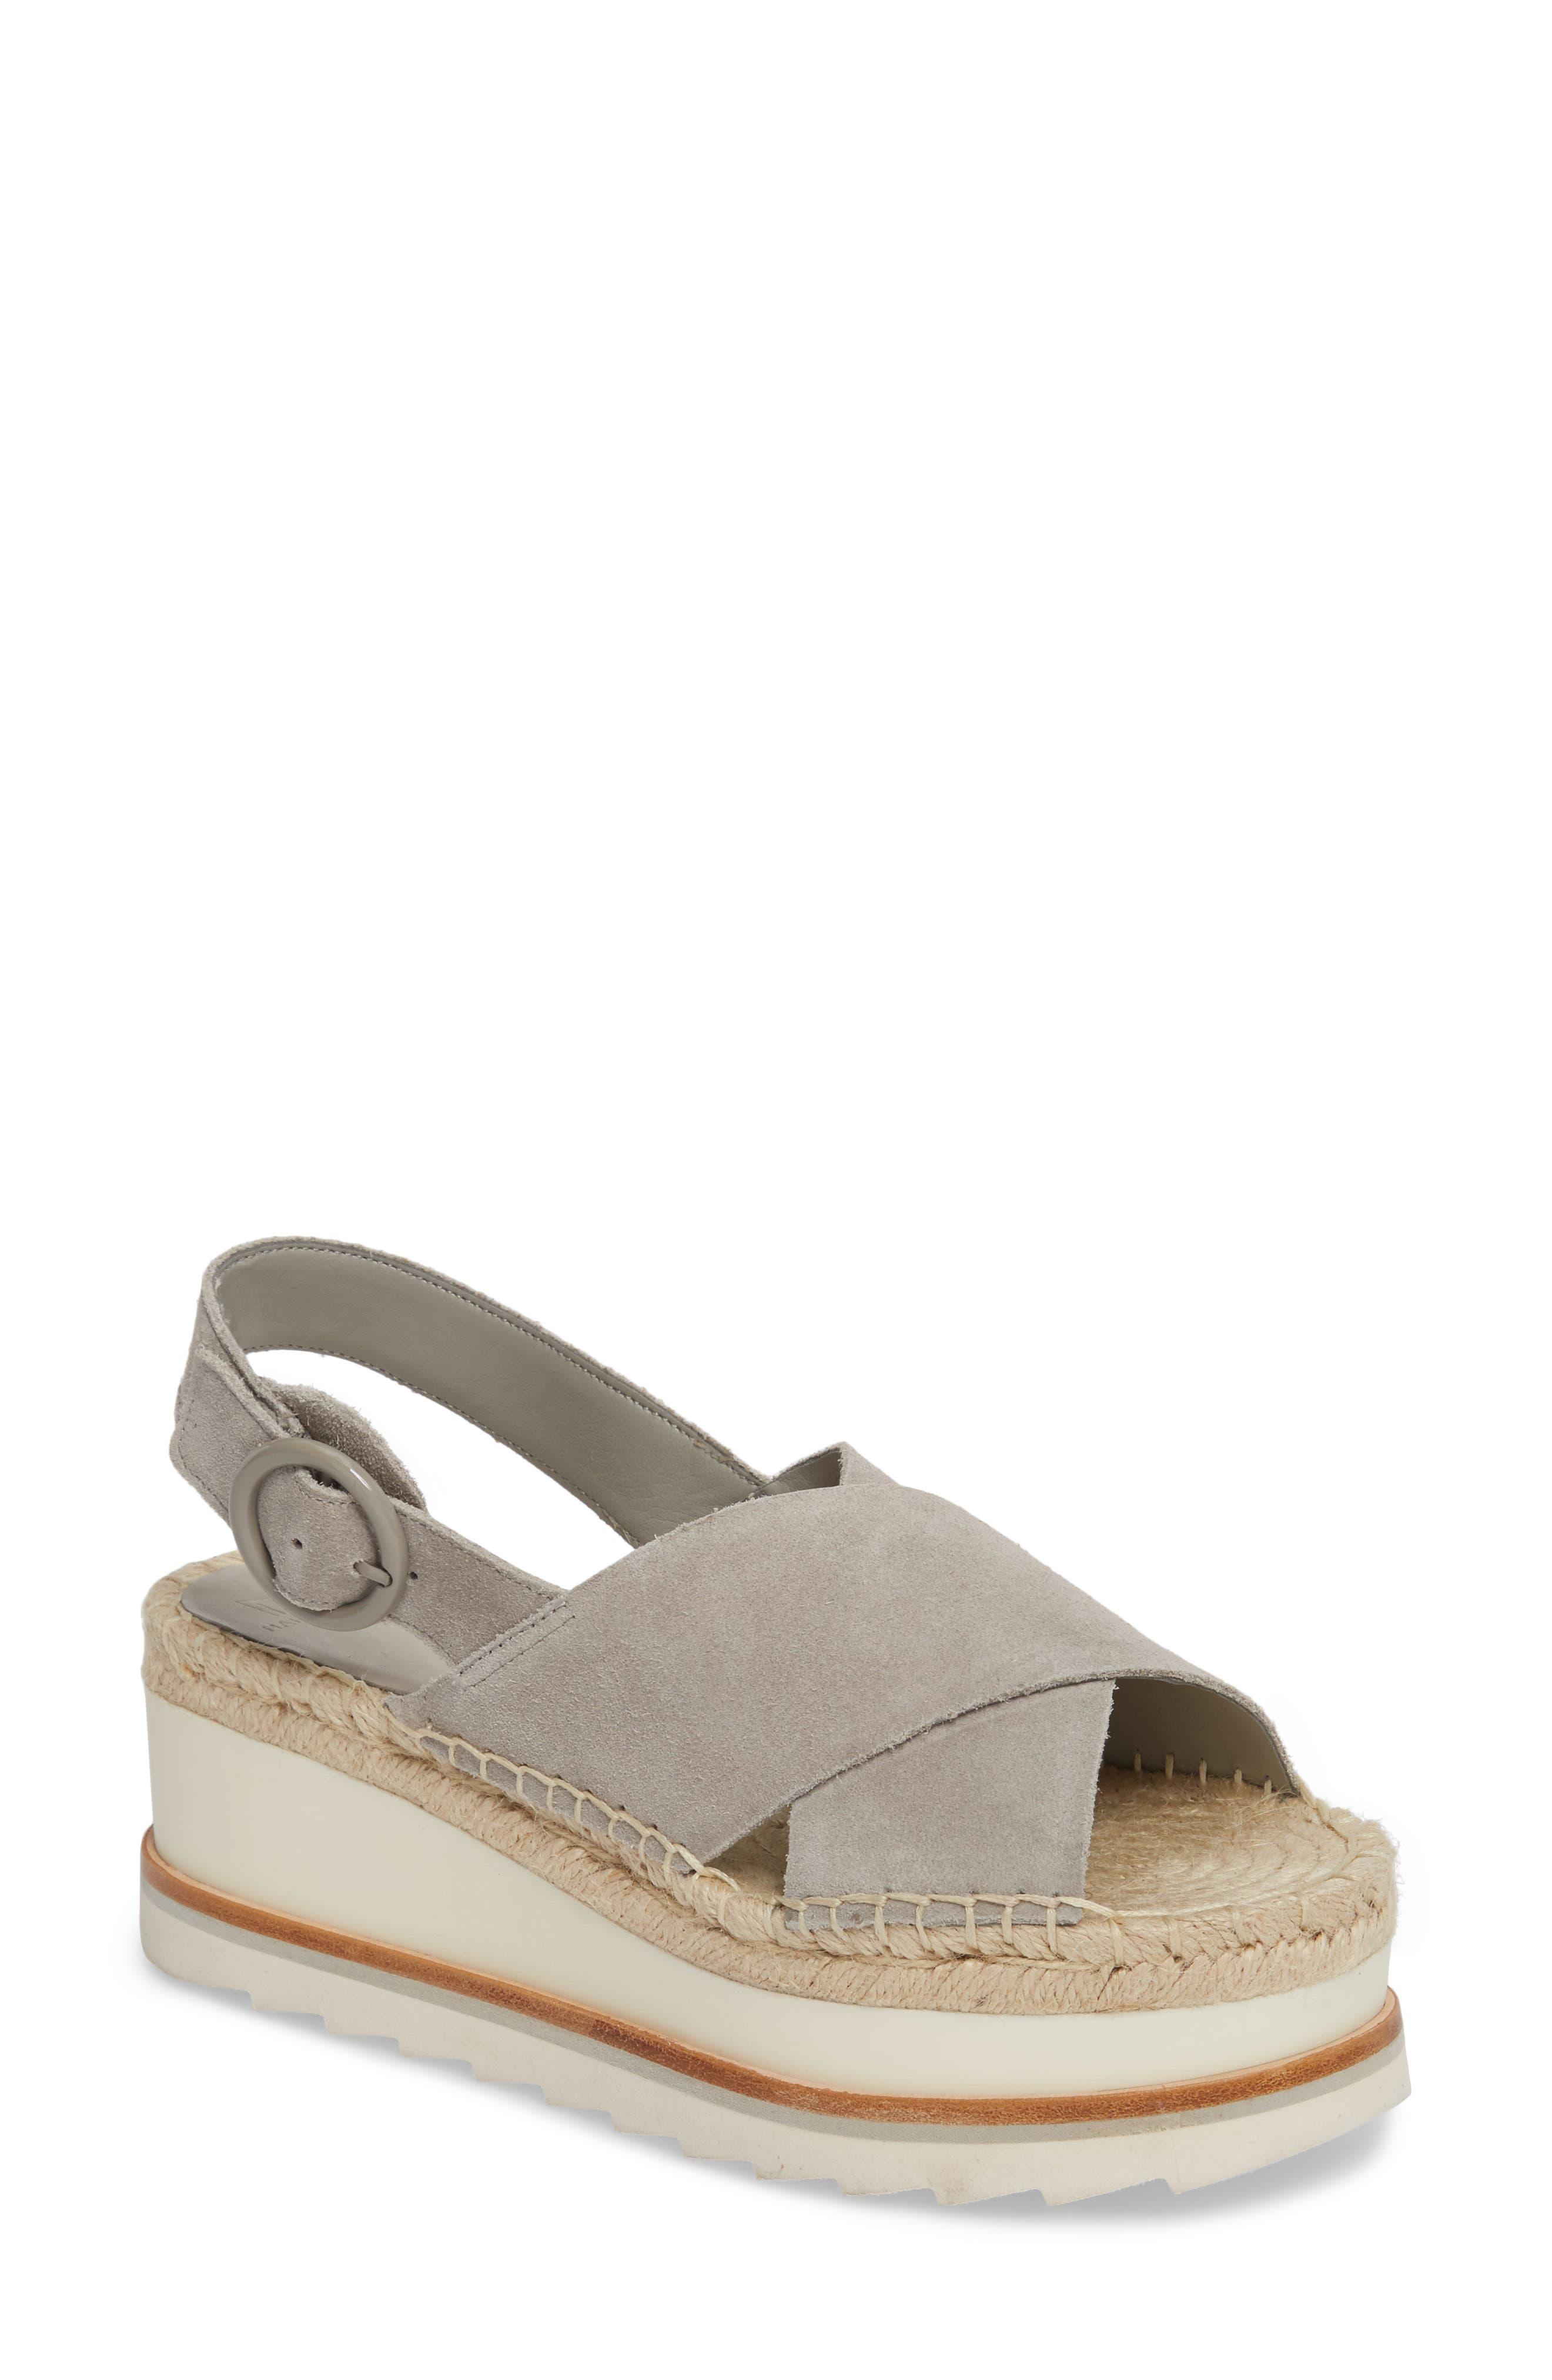 23d87ee7c33 Marc Fisher Ltd Glenna Platform Slingback Sandal- Grey